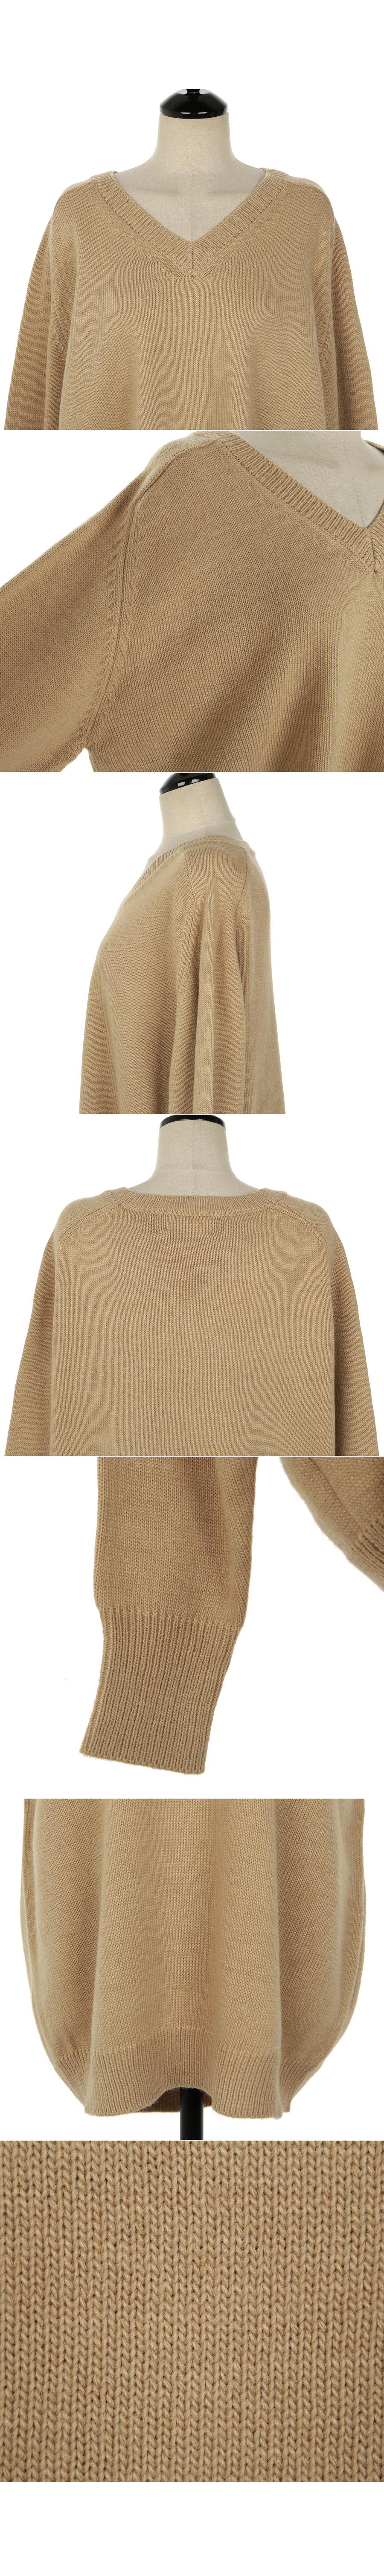 Brooks knit